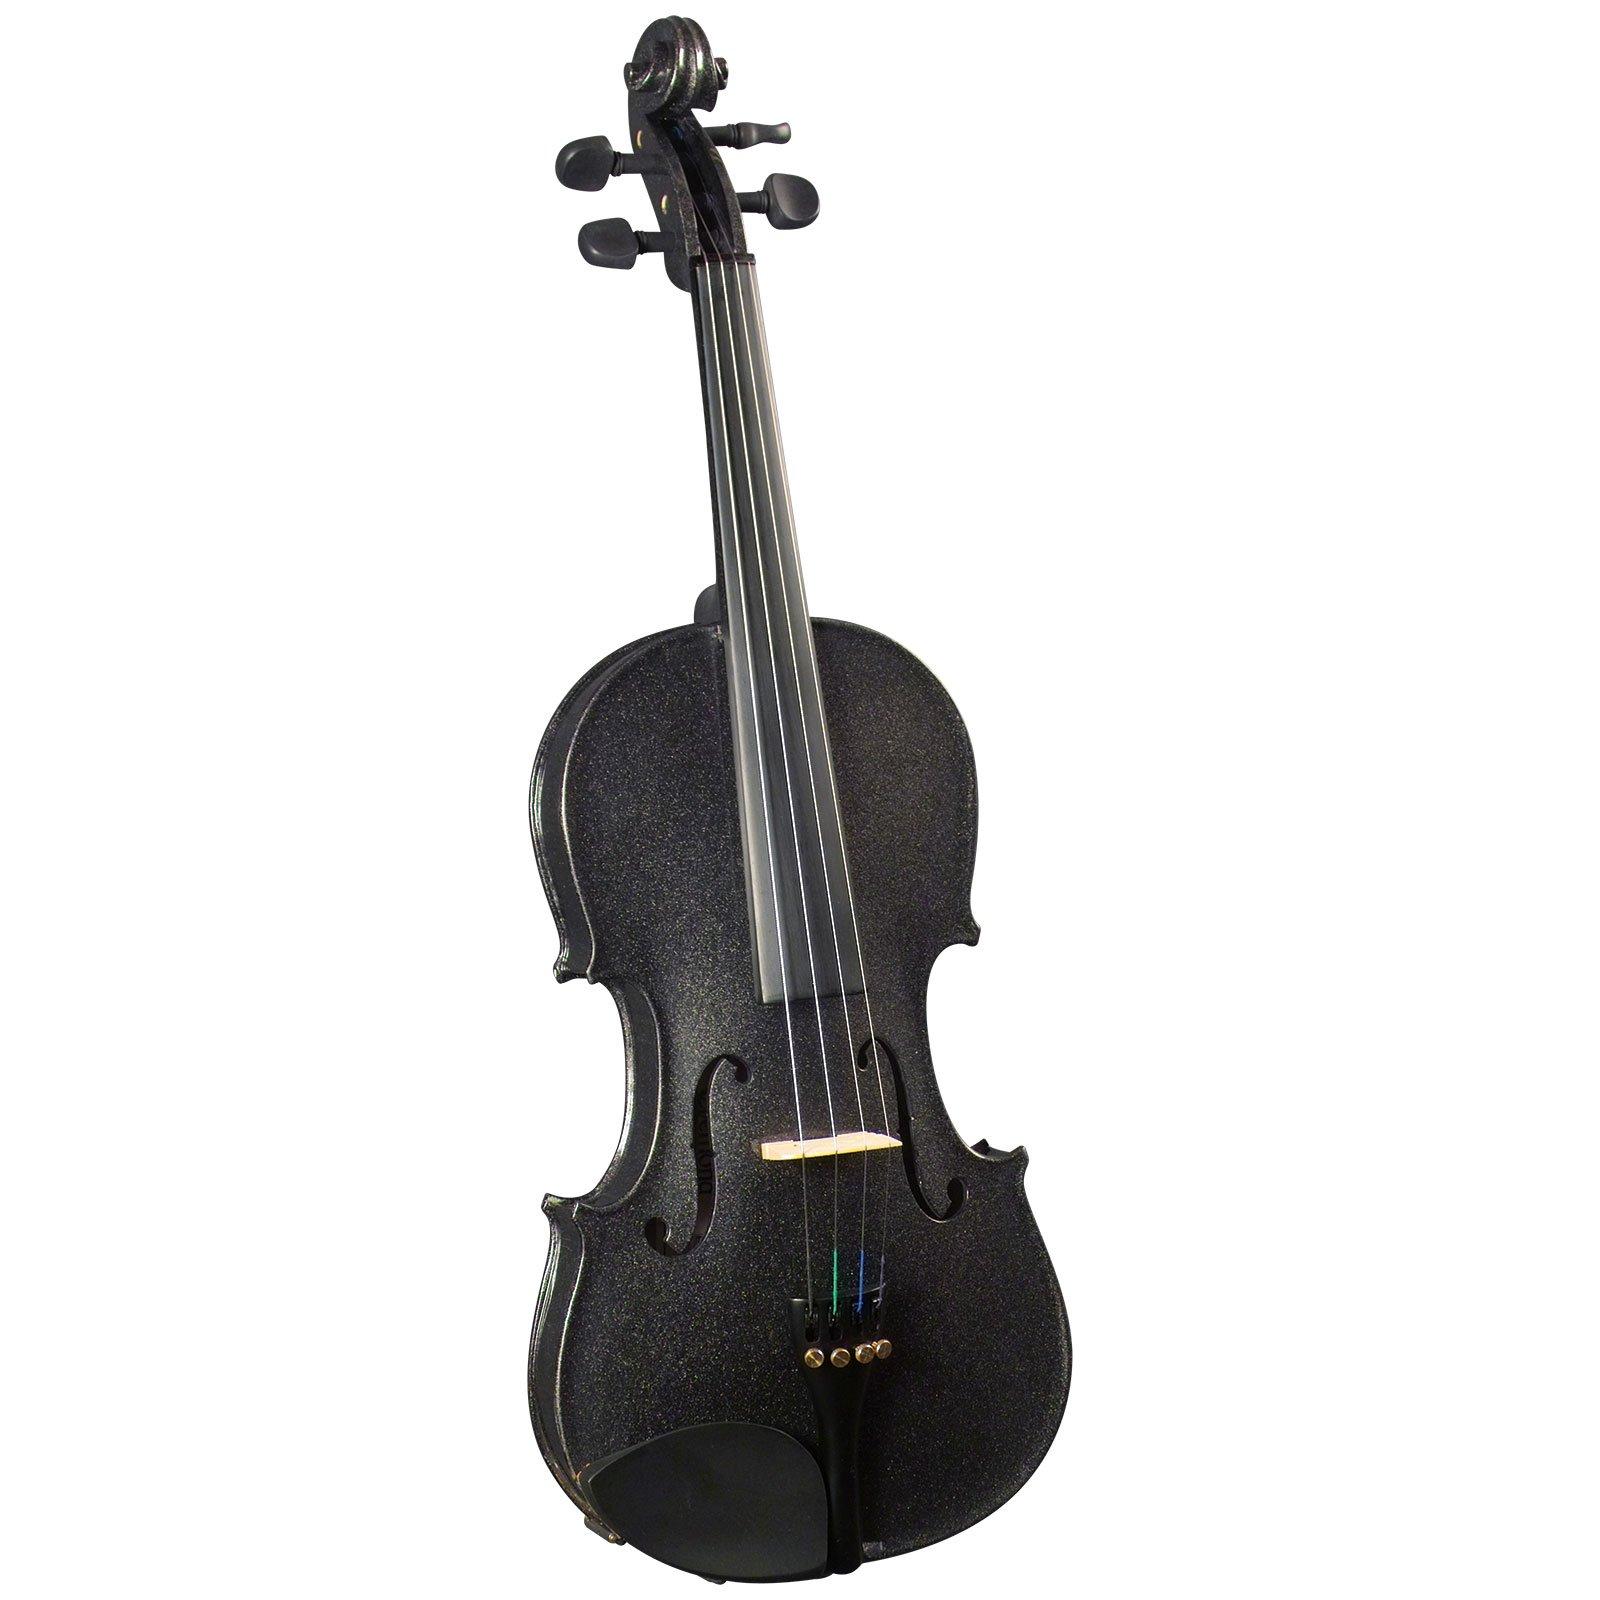 Cremona SV-130 Premier Novice Violin Outfit - Sparkling Black - 4/4 Size